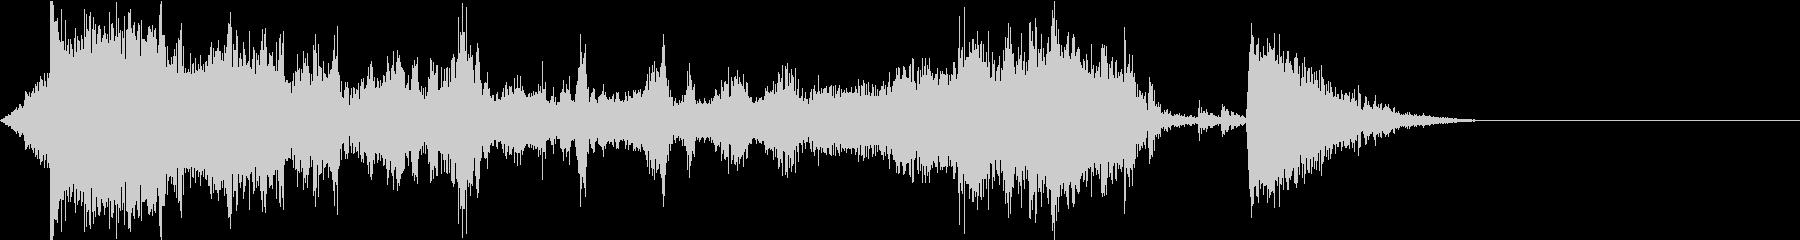 FMラジオ的ジングル6の未再生の波形